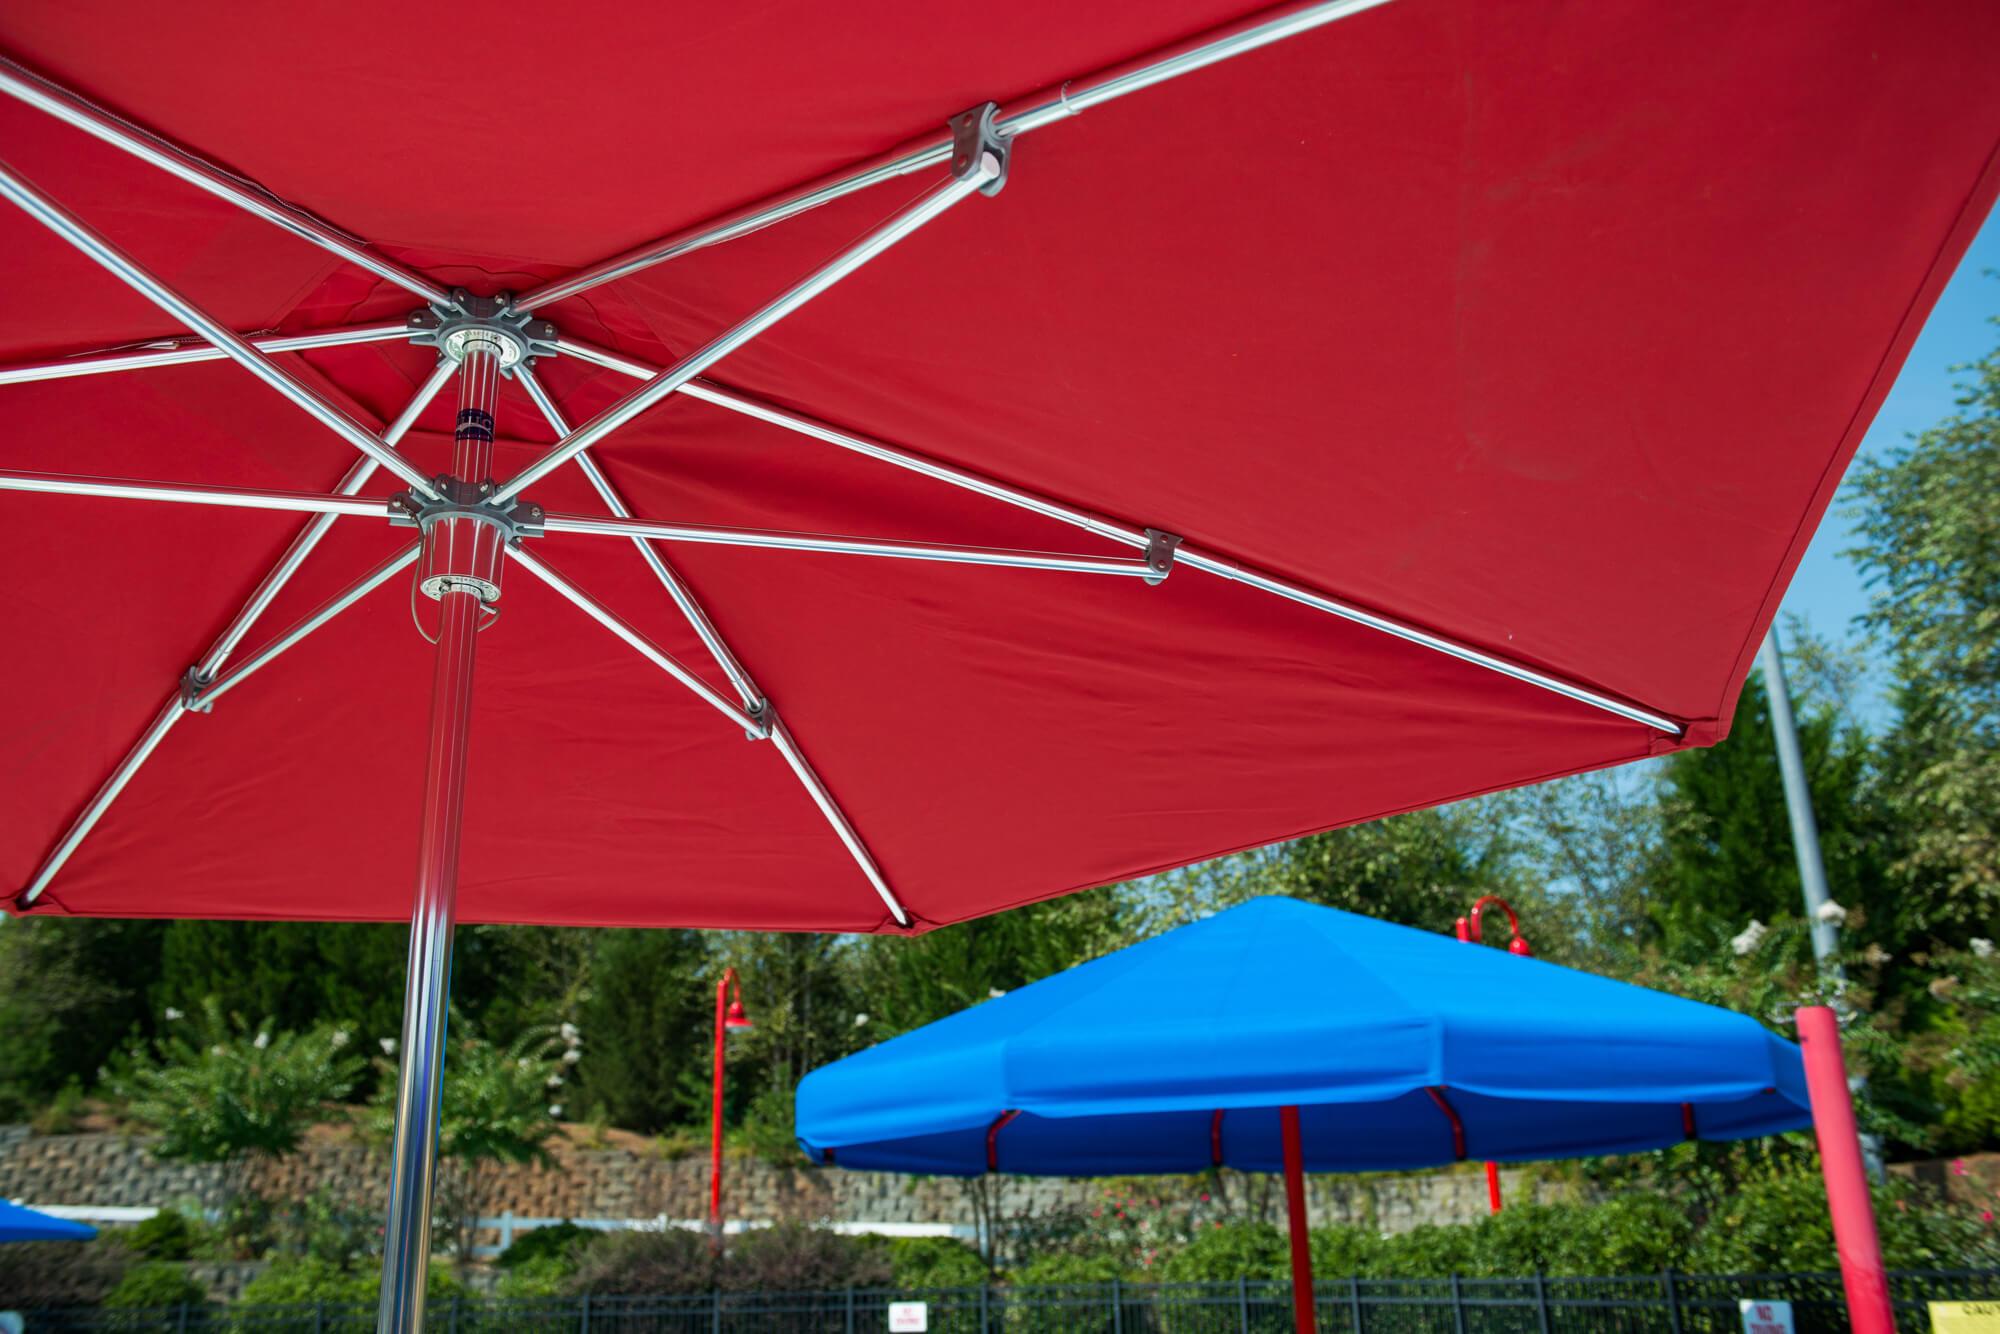 红伞底部由 Sunbrella 织物制成